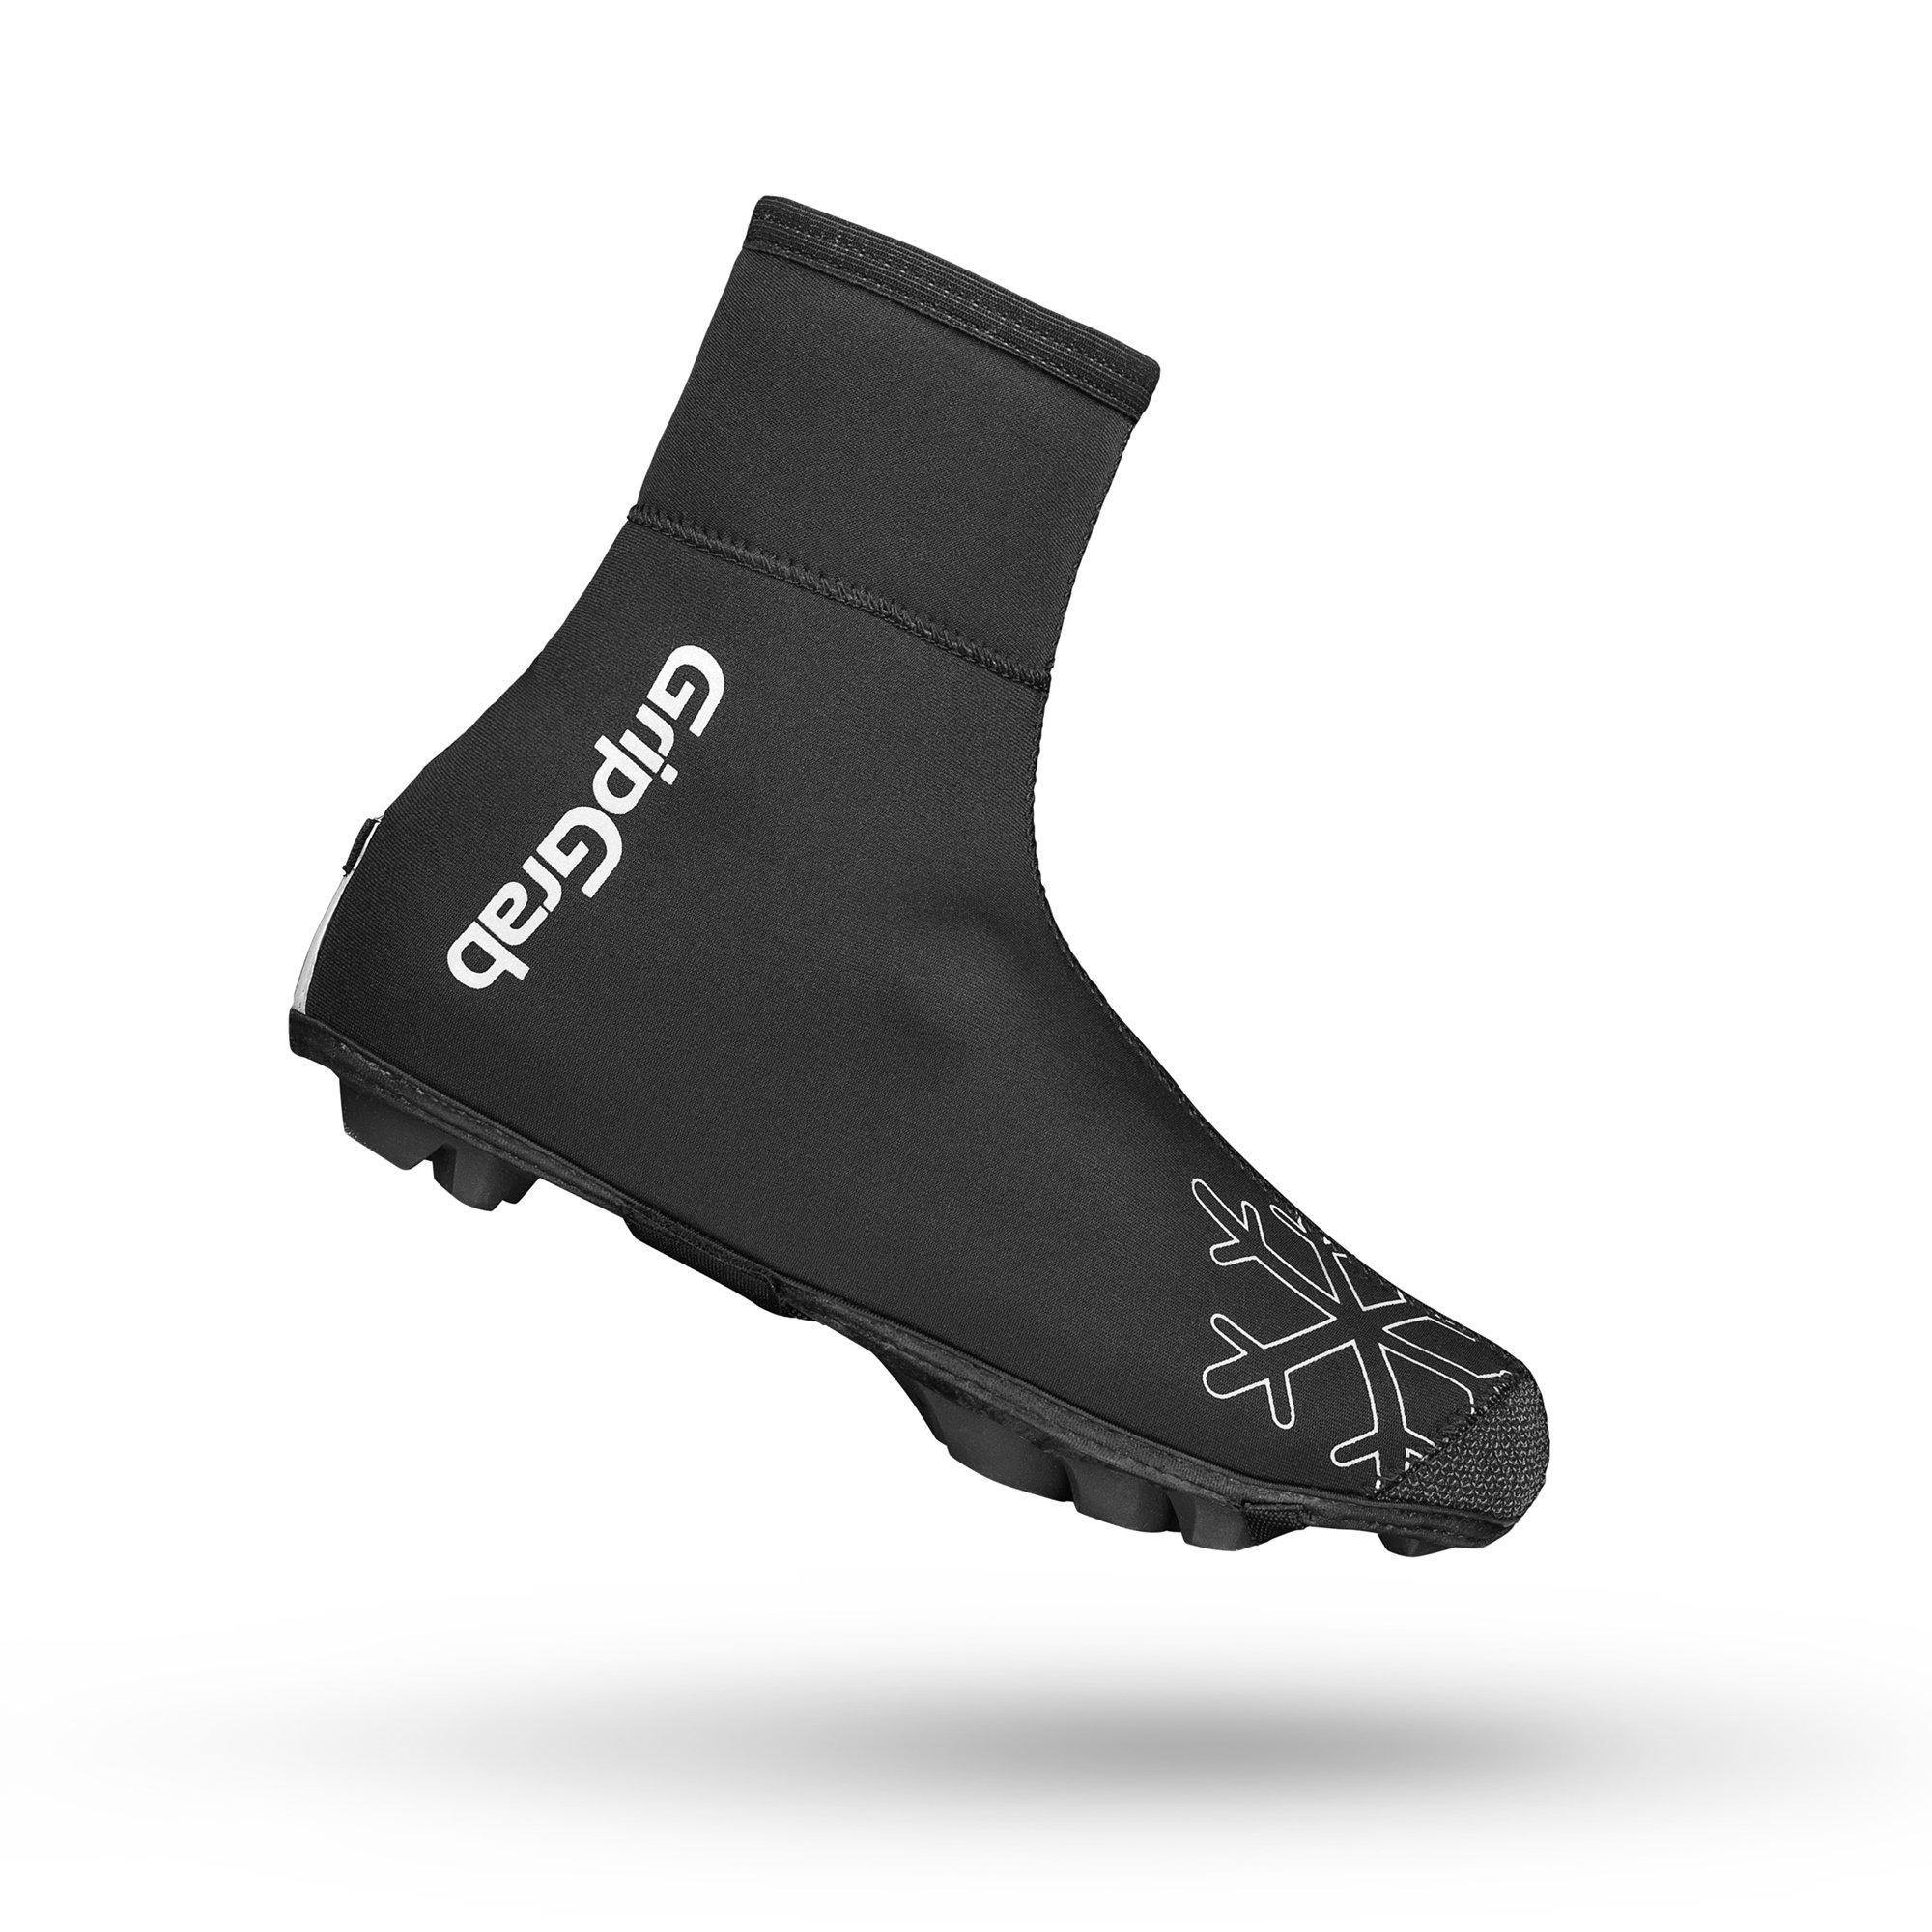 Grip Grab Arctic X Waterproof Deep Winter MTB/CX Shoe Cover - Sur-chaussures vélo